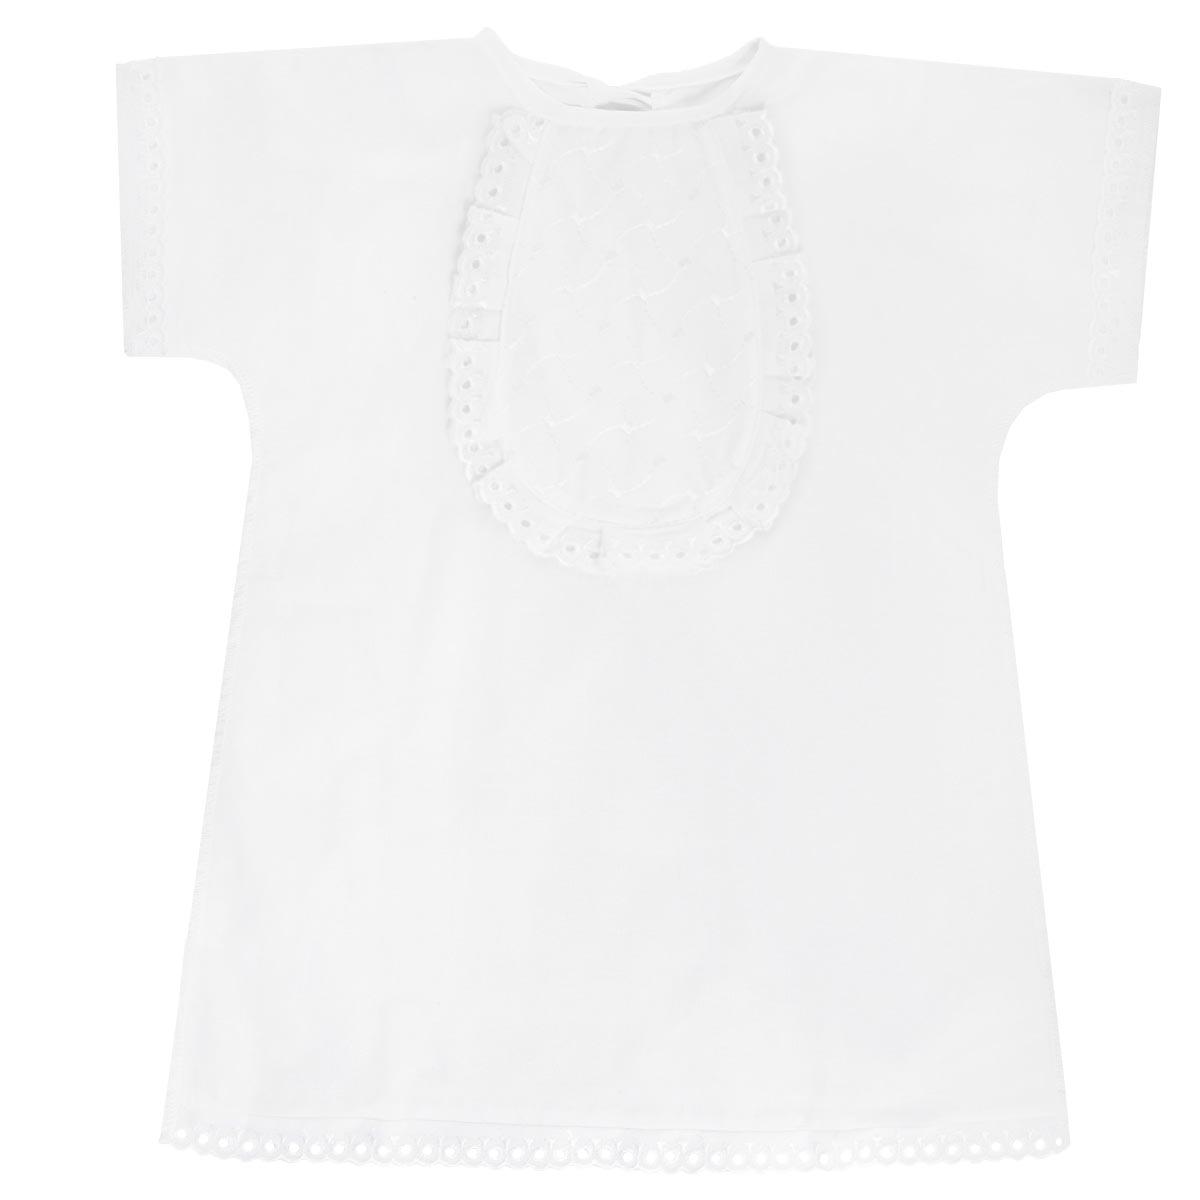 Крестильная рубашка детская Трон-плюс, цвет: белый. 1135. Размер 68, 6 месяцев1135Крестильная рубашка Трон-плюс, выполненная из натурального хлопка, станет незаменимым атрибутом крещения. Рубашка необычайно мягкая и приятная на ощупь, не сковывает движения младенца и позволяет коже дышать, не раздражает нежную кожу ребенка, обеспечивая ему наибольший комфорт. Рубашка трапециевидной формы с короткими рукавами имеет две завязки сзади, которые помогают с легкостью переодеть младенца. Украшена рубашка отделкой в виде жабо. Низ рукавов и низ изделия оформлены ажурными петельками. По бокам рубашечка дополнена двумя небольшими разрезами. Швы выполнены наружу.Благодаря такой рубашке ваш ребенок не замерзнет, и будет выглядеть нарядно.